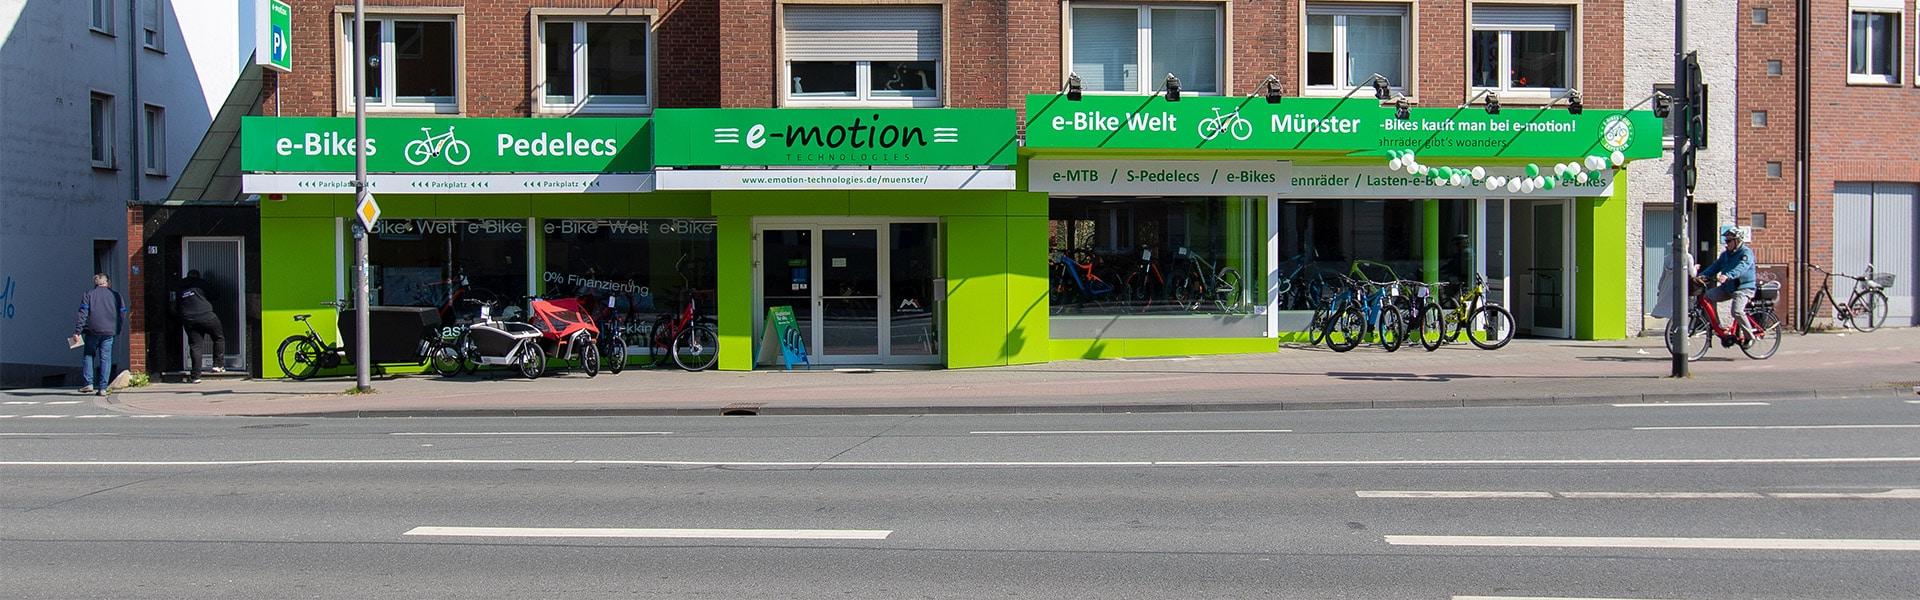 Der Shop der e-motion e-Bike Welt Münster